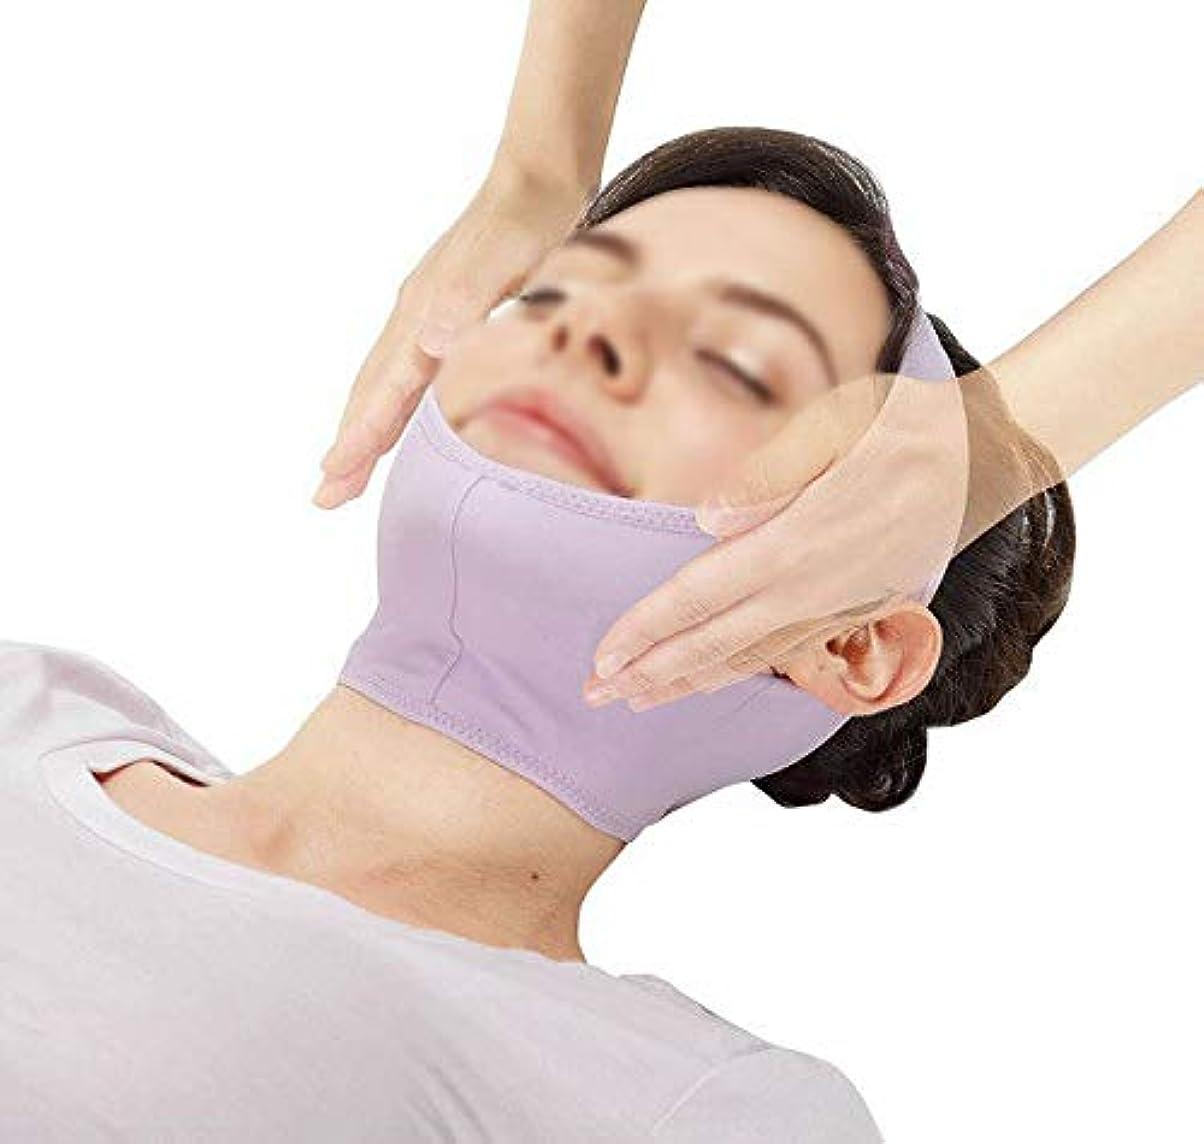 パースダブル一杯LJK フェイシャルマスク、フェイスリフトアーティファクトマスク垂れ下がった顔小さなV顔包帯通気性睡眠ダブルチン減量マスク